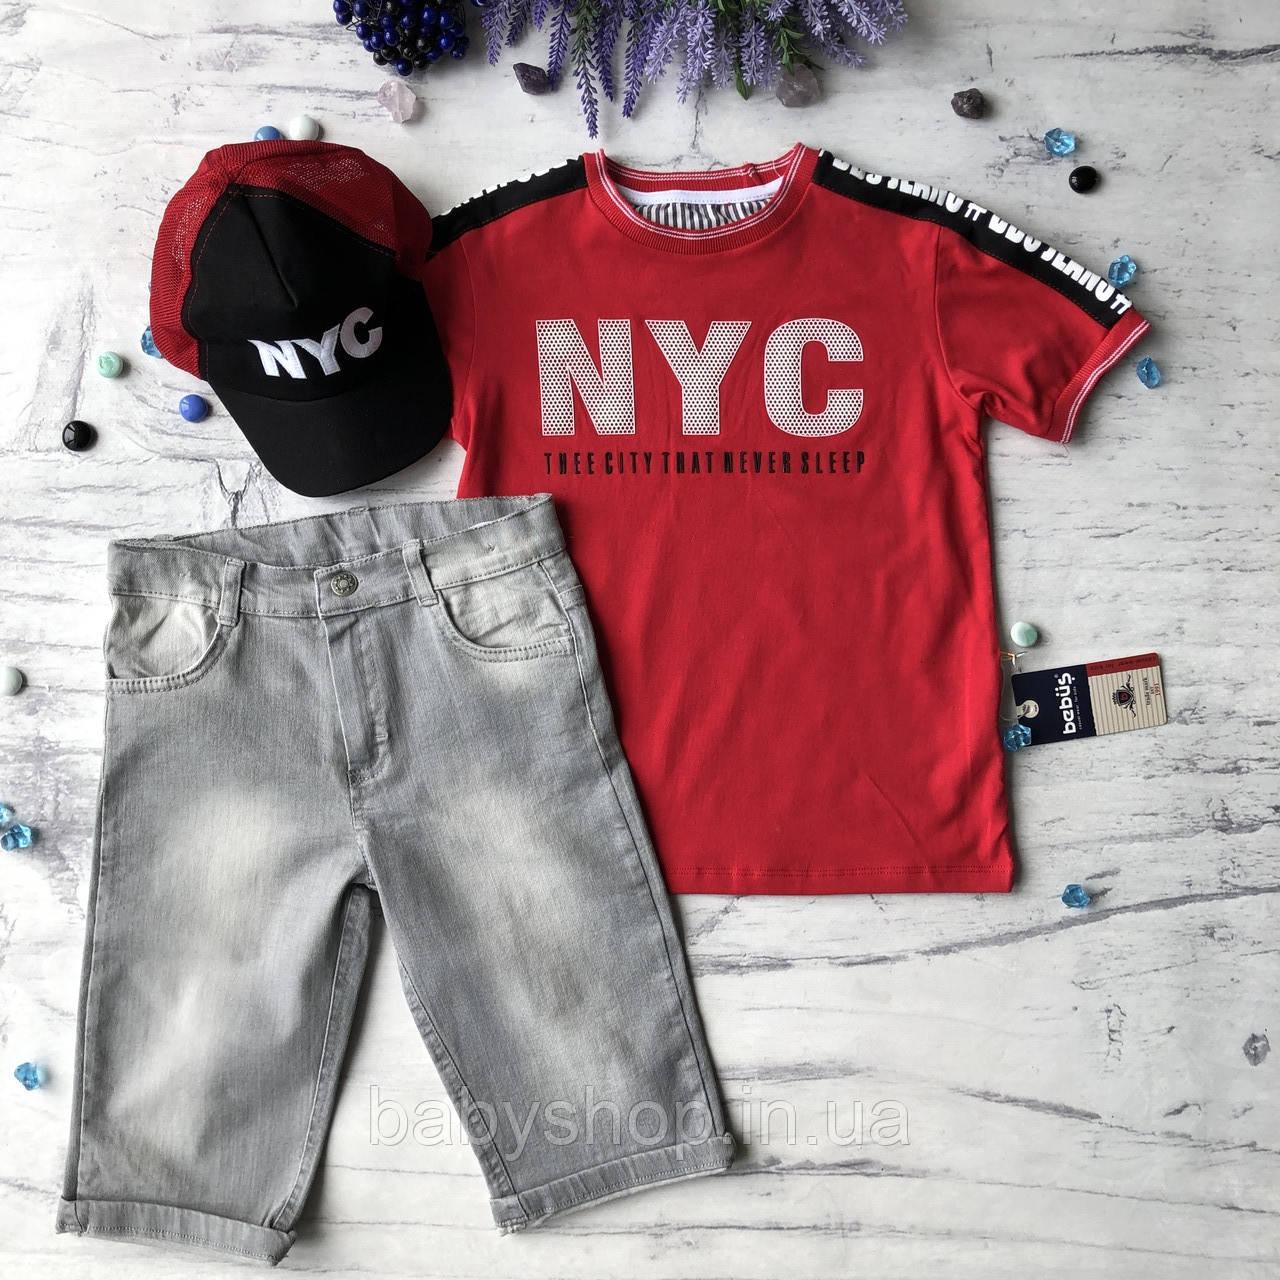 Річний джинсовий костюм на хлопчика 168. Розмір 5 років, 6 років, 7 років, 8 років